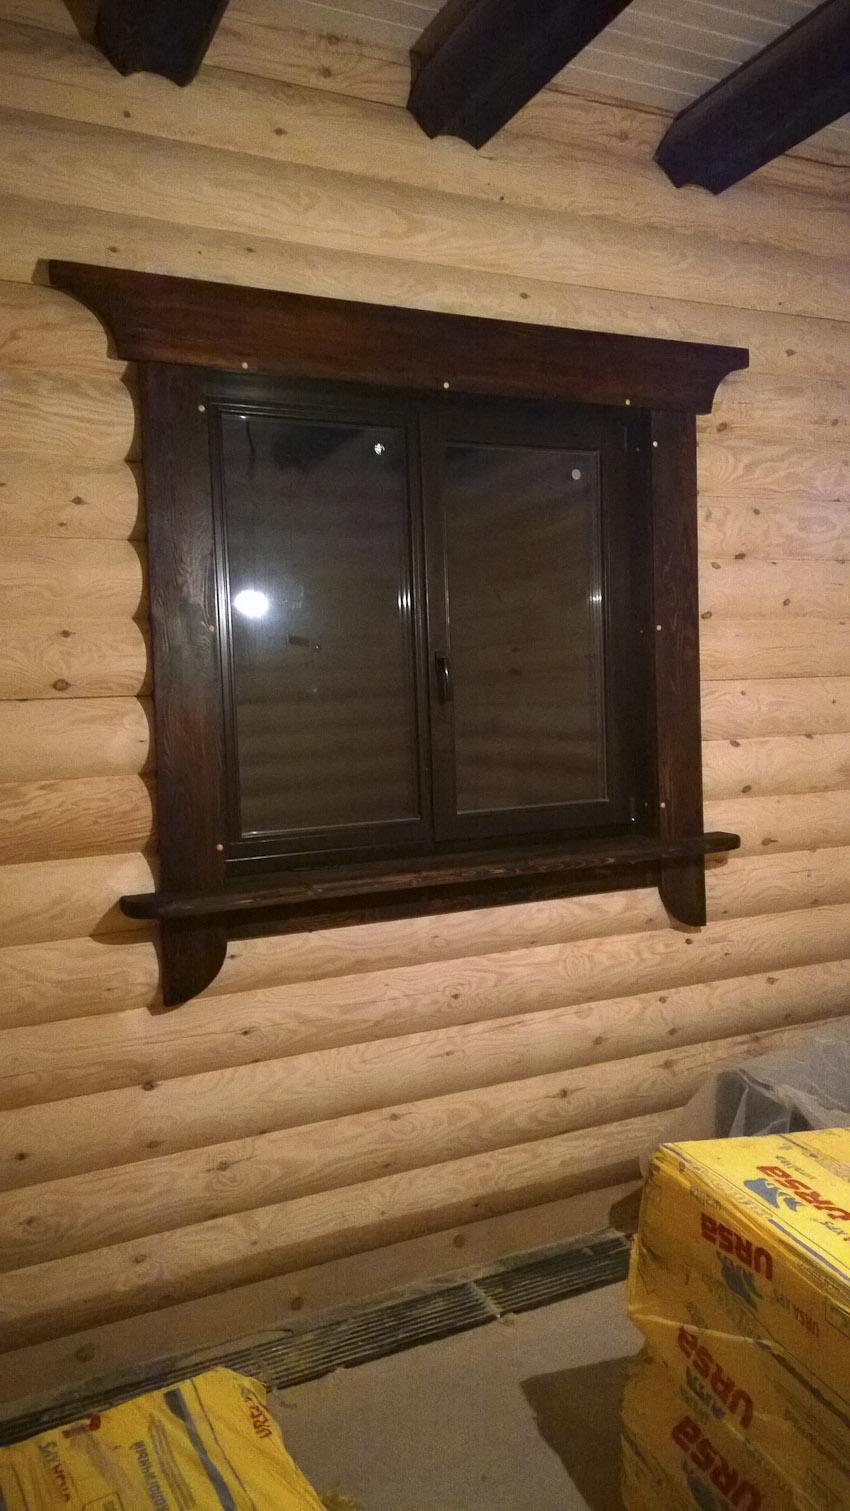 Pencereleri veya kapıları monte ederken bir ahşap evde kasa